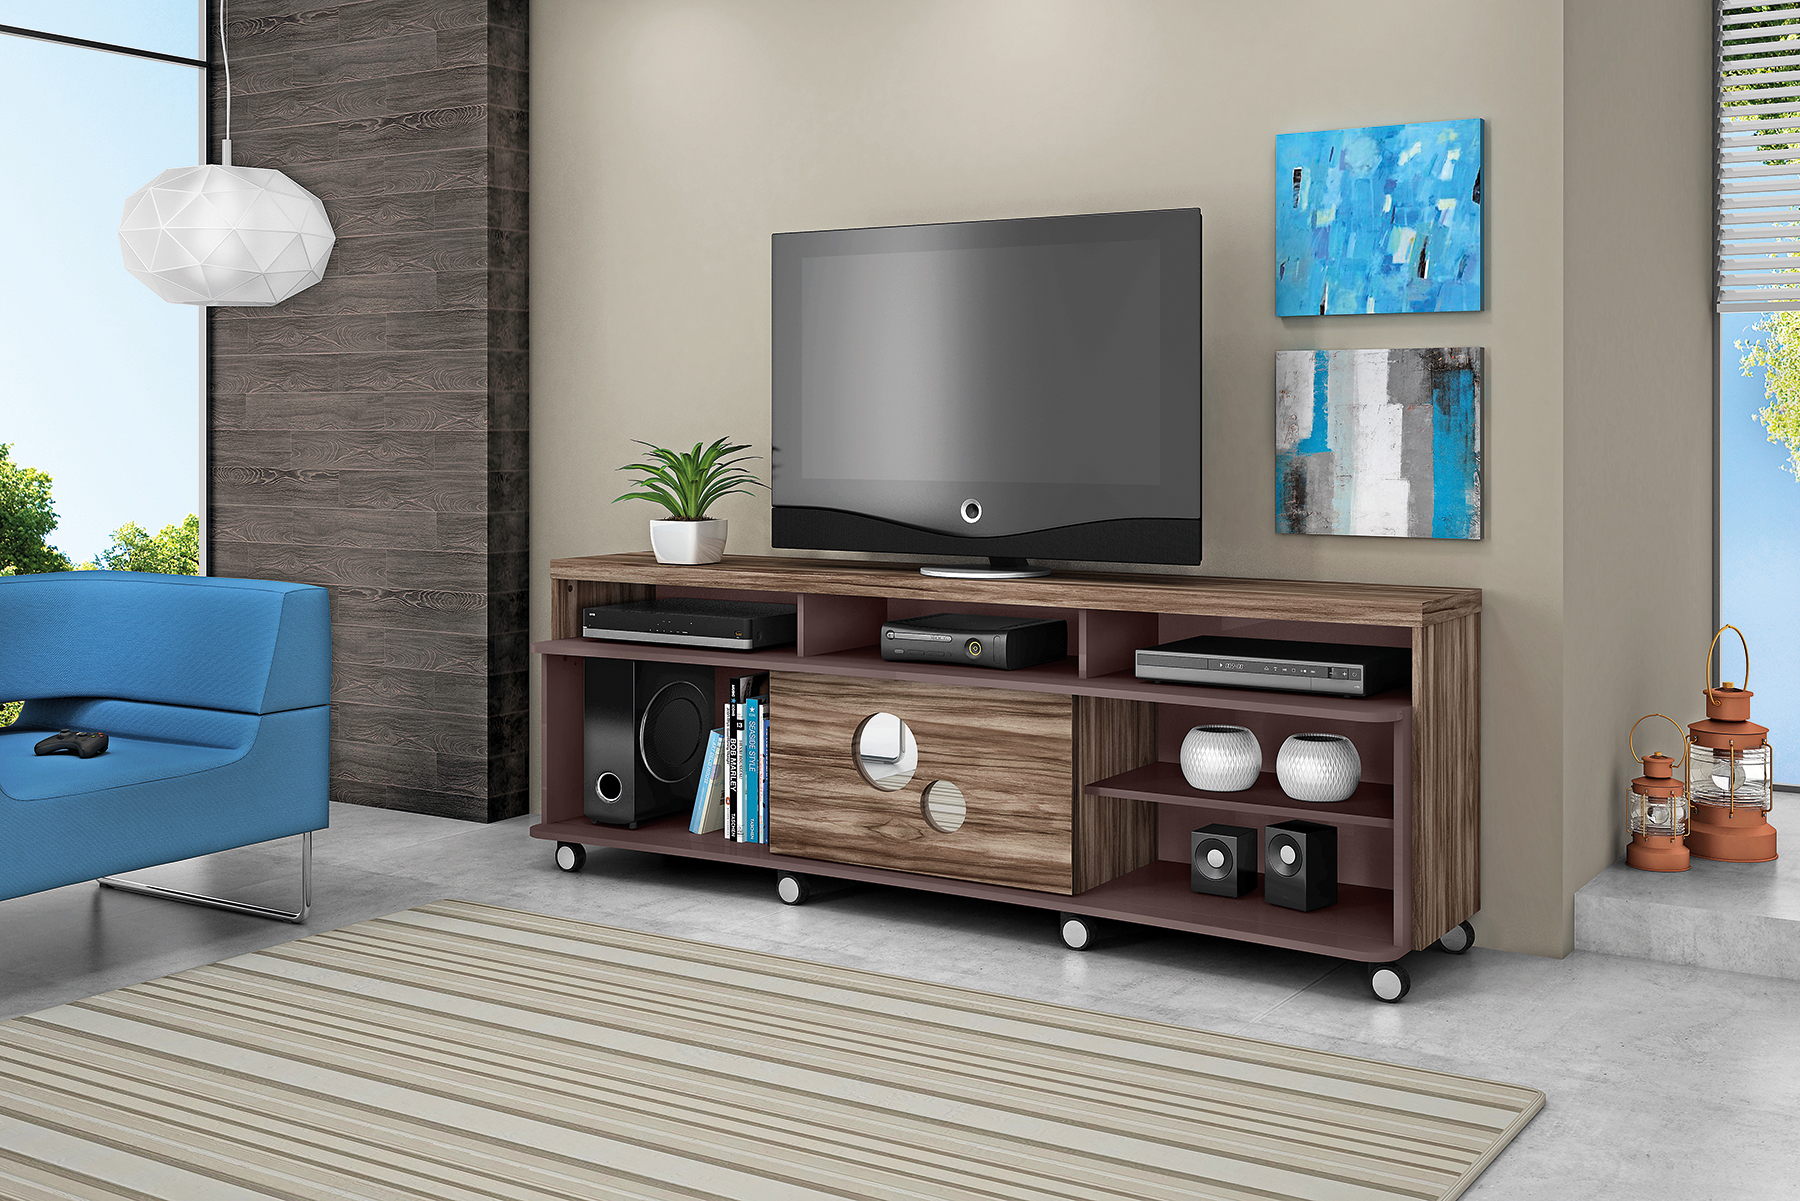 mueble para tv pantalla equipo de sonido hanover cod 5635